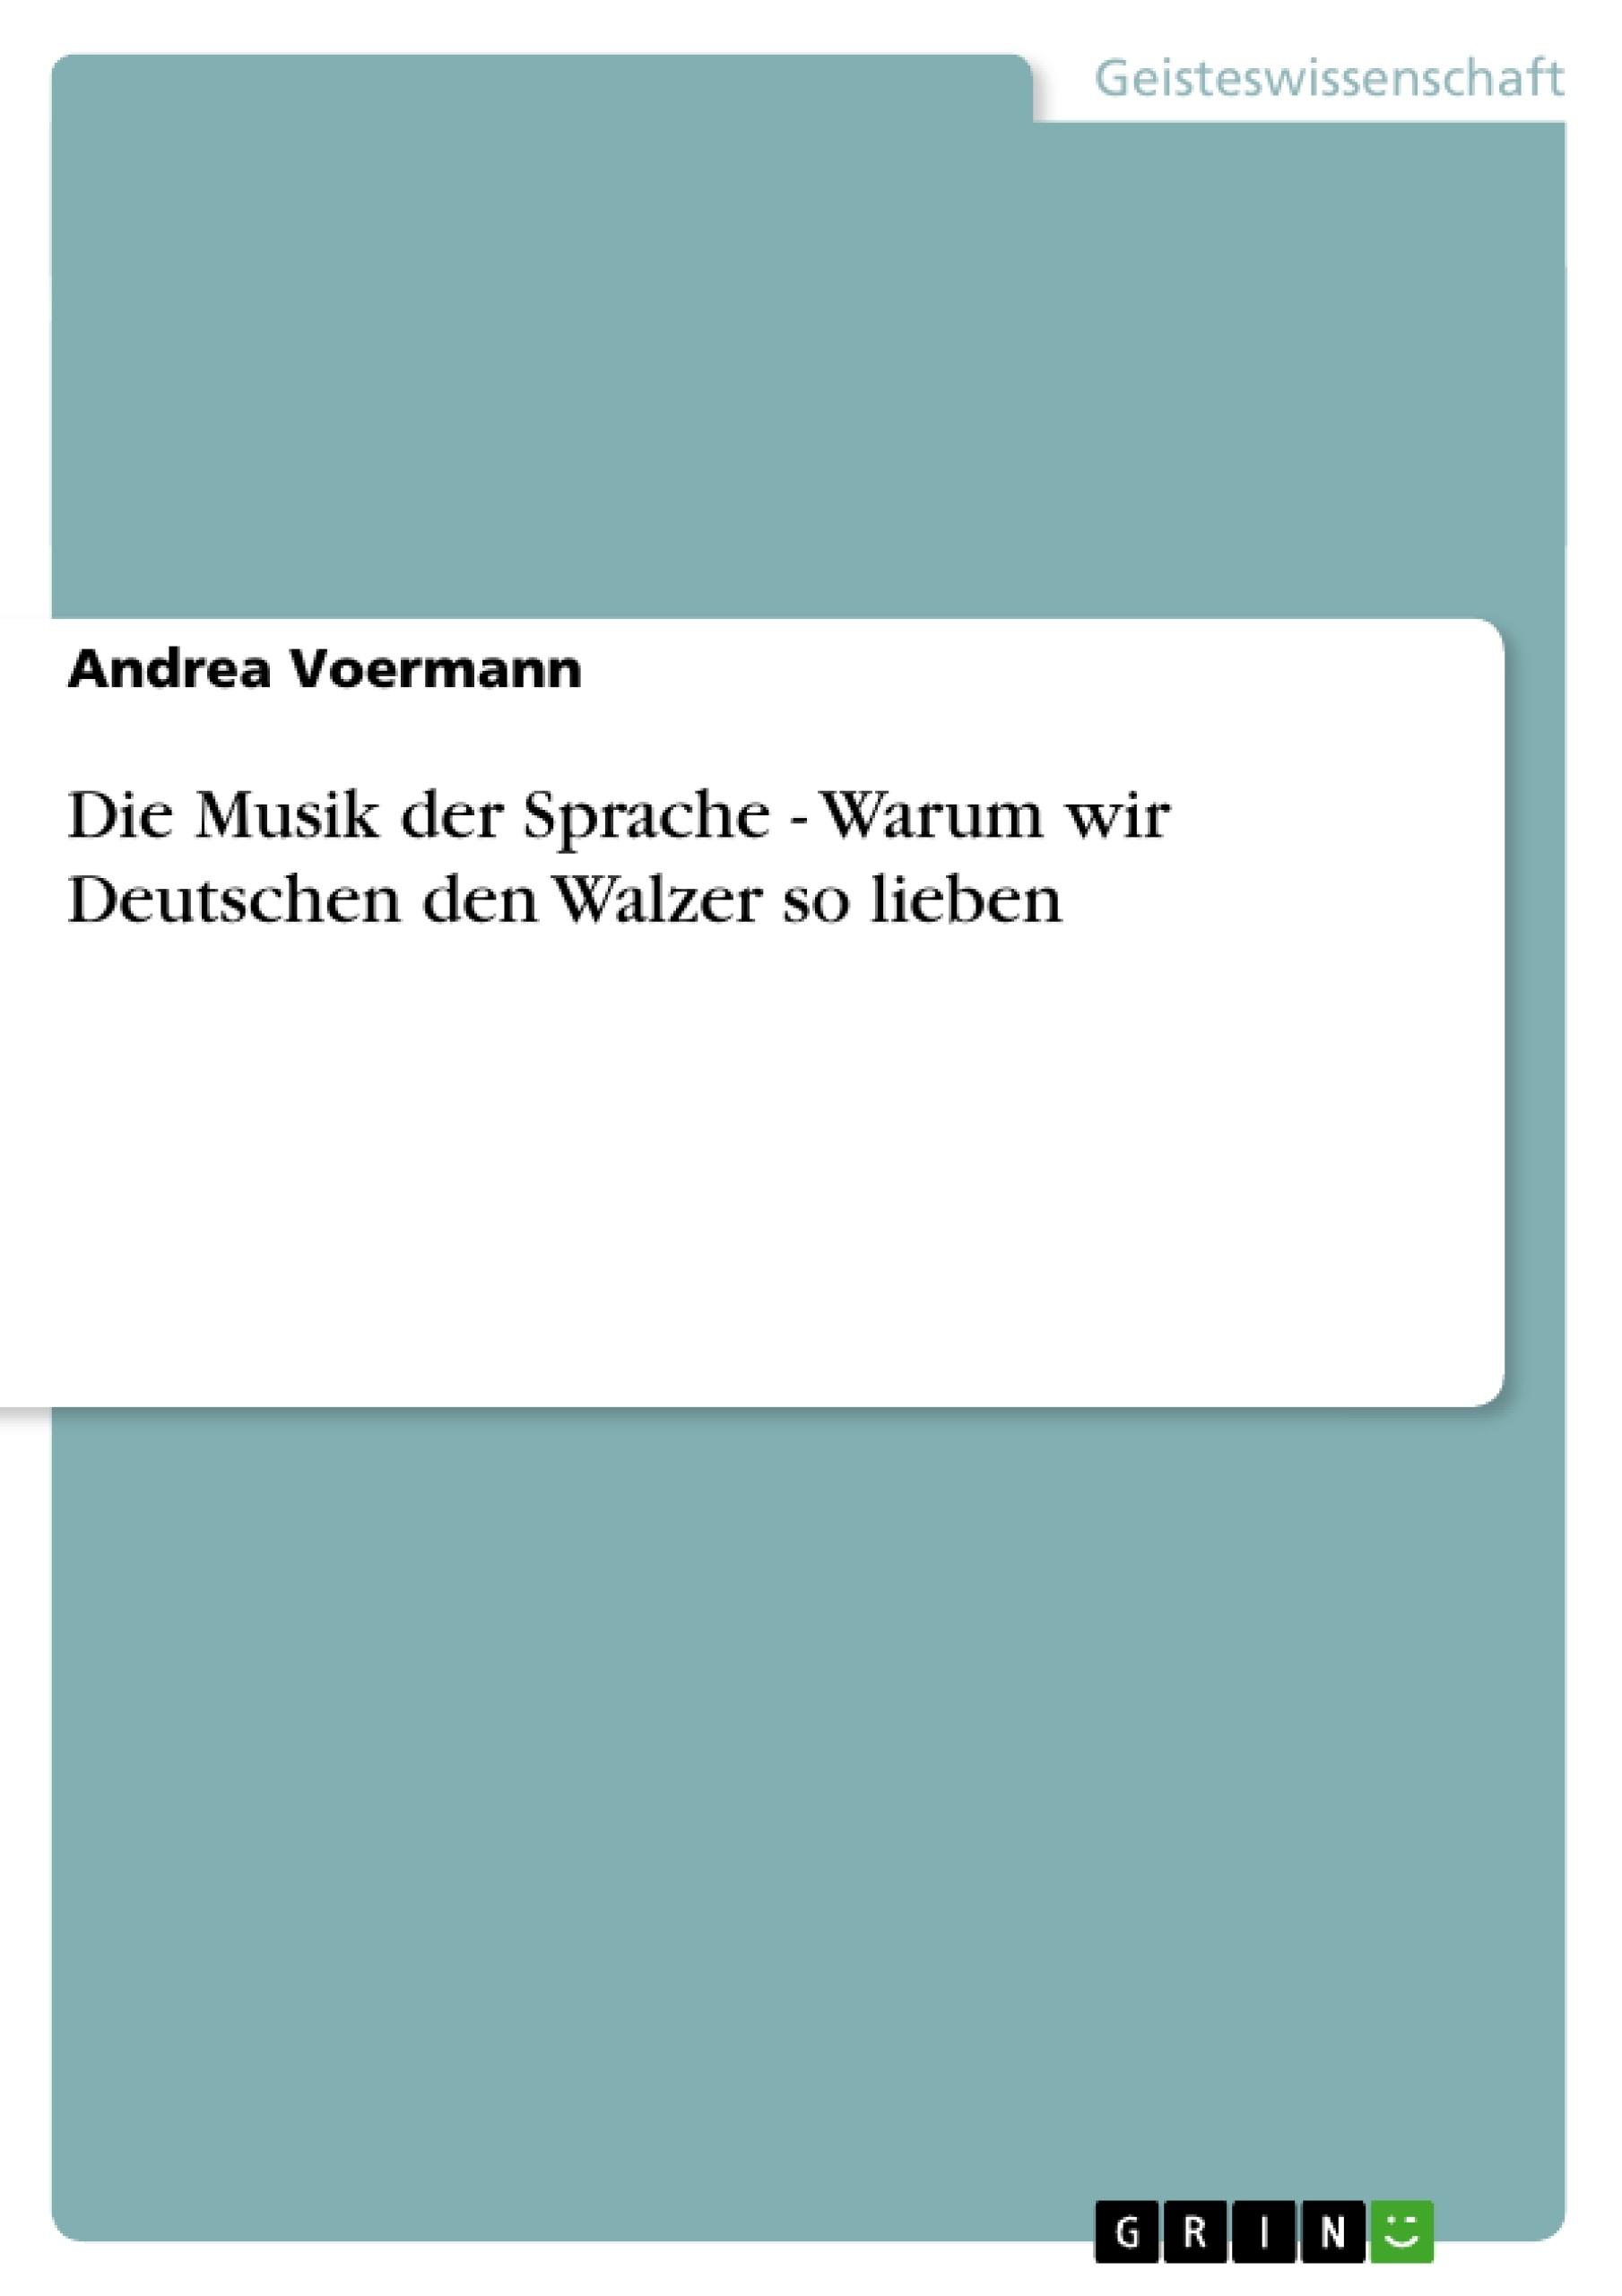 Titel: Die Musik der Sprache - Warum wir Deutschen den Walzer so lieben